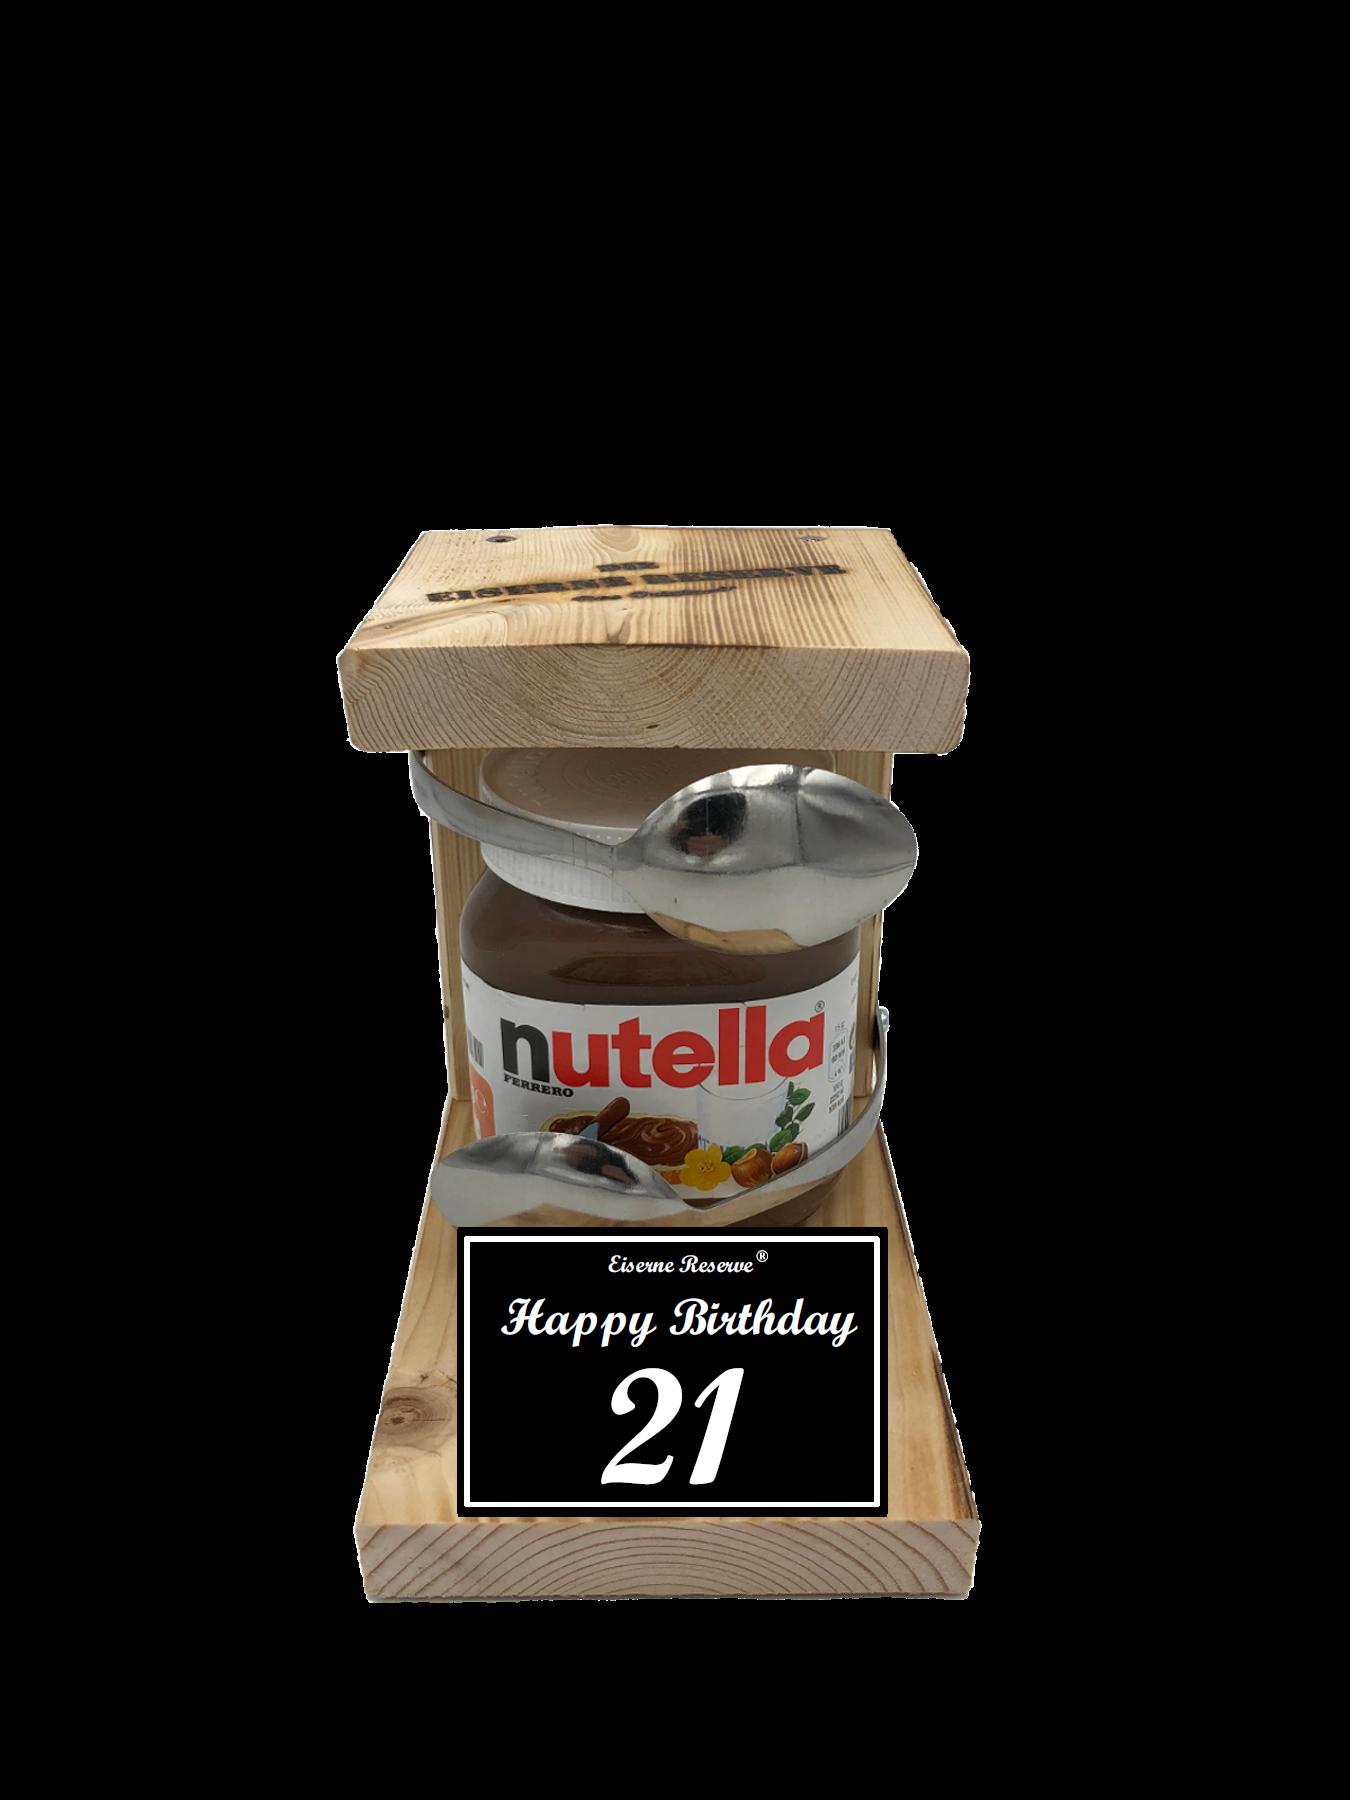 21 Happy Birthday Löffel Nutella Geschenk - Die Nutella Geschenkidee